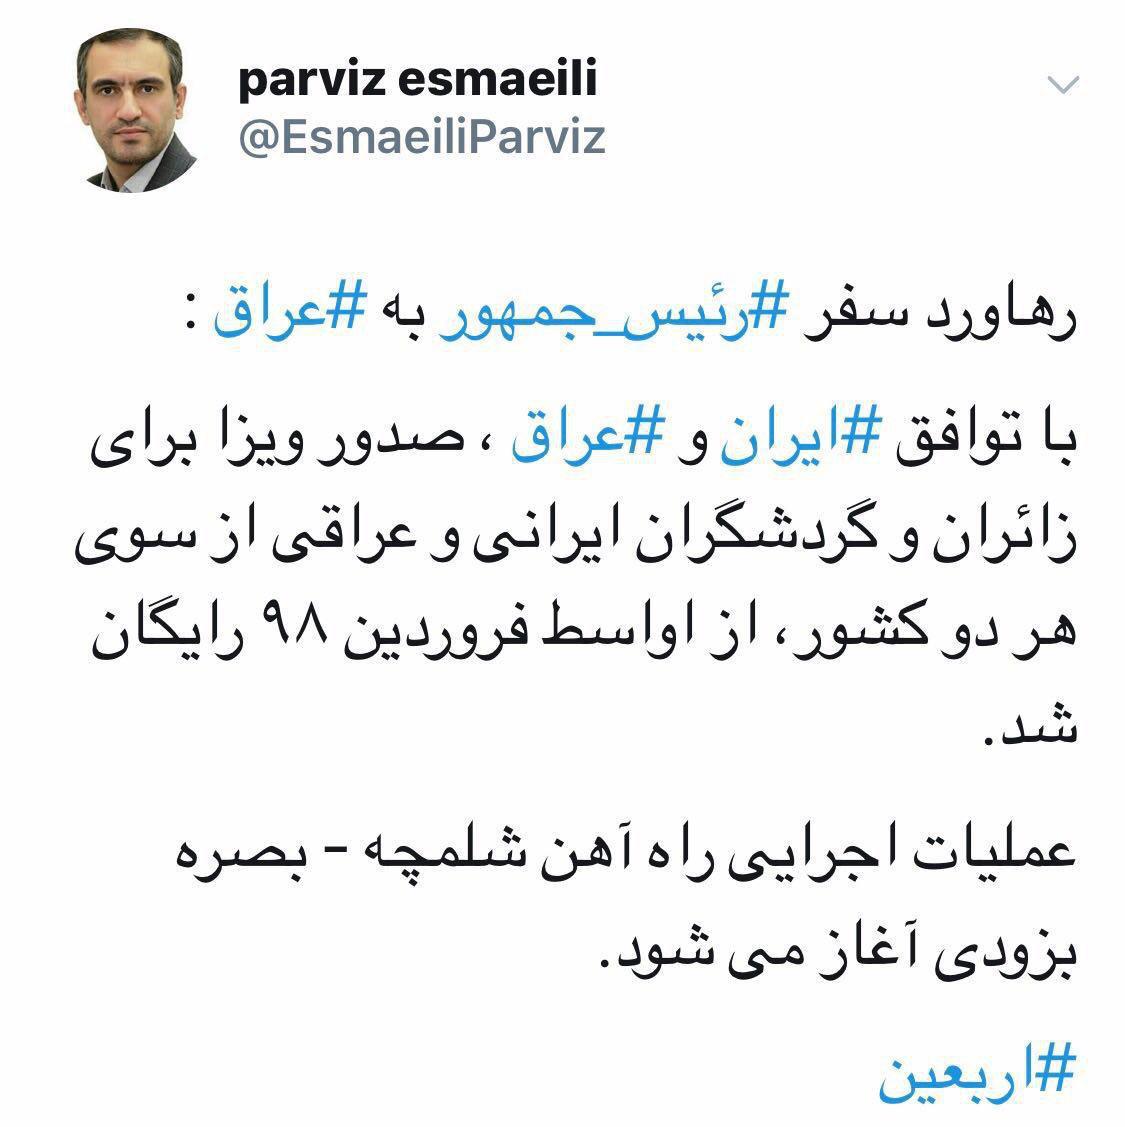 صدور ویزا برای زائران ایرانی و عراقی از اواسط فروردین رایگان می شود/ اجرای عملیات راهآهن شلمچه-بصره بزودی